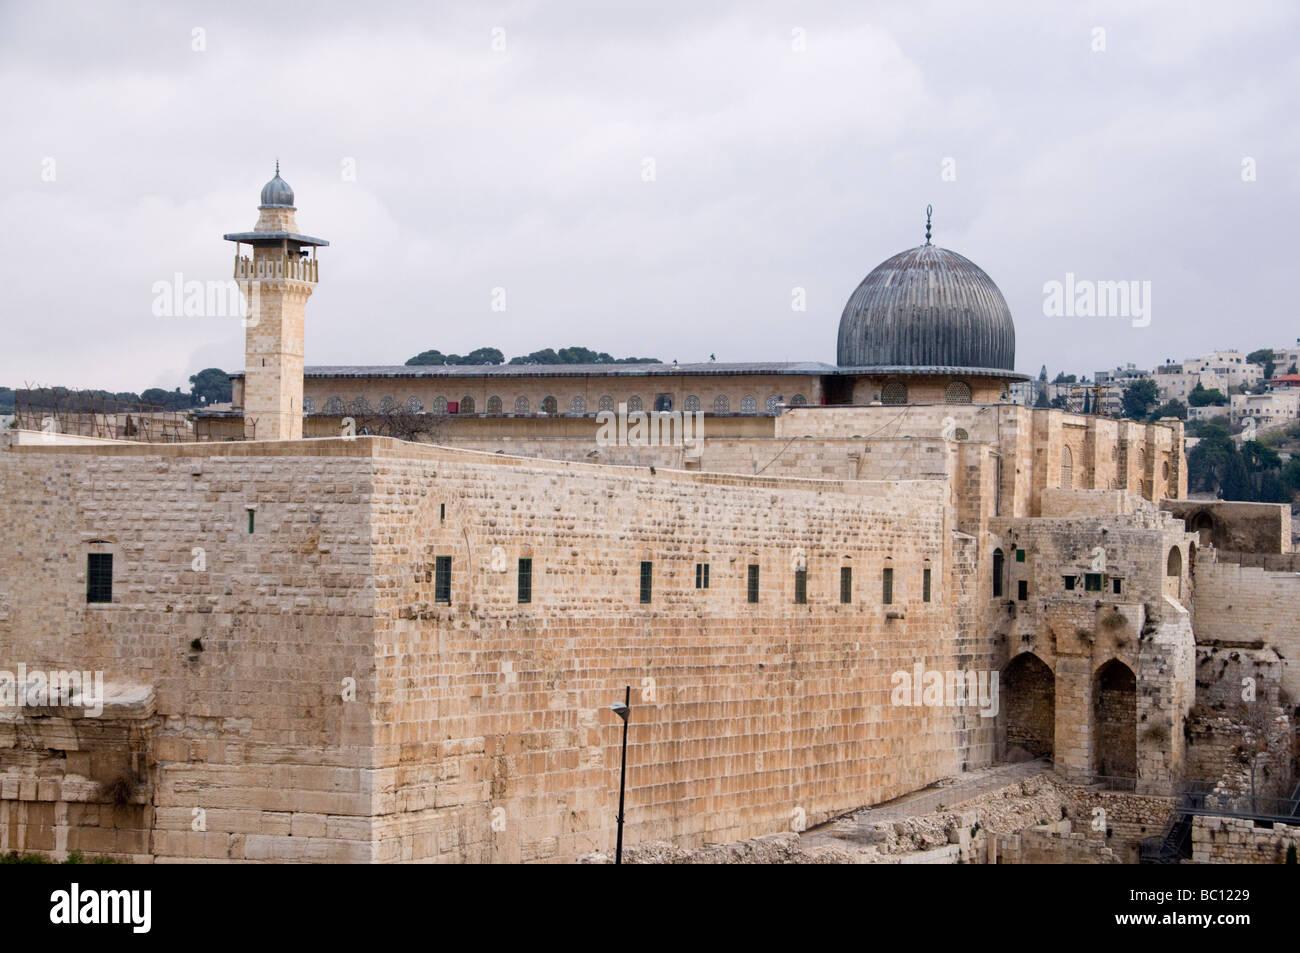 Al Aqsa Mosque Jerusalem Israel - Stock Image